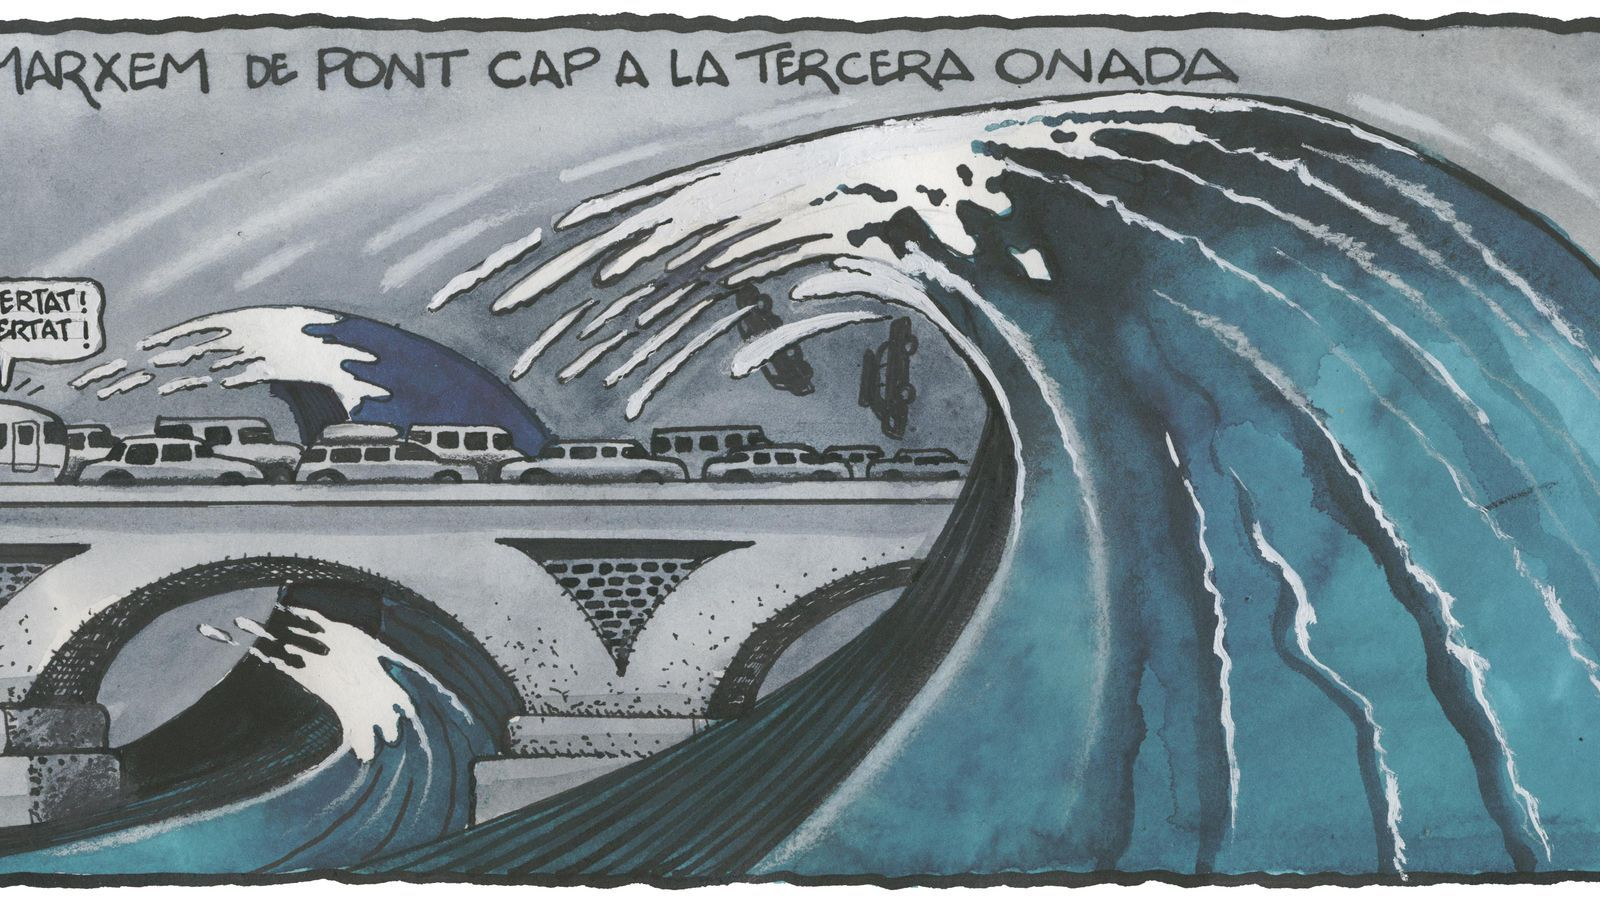 'A la contra', per Ferreres 04/12/2020